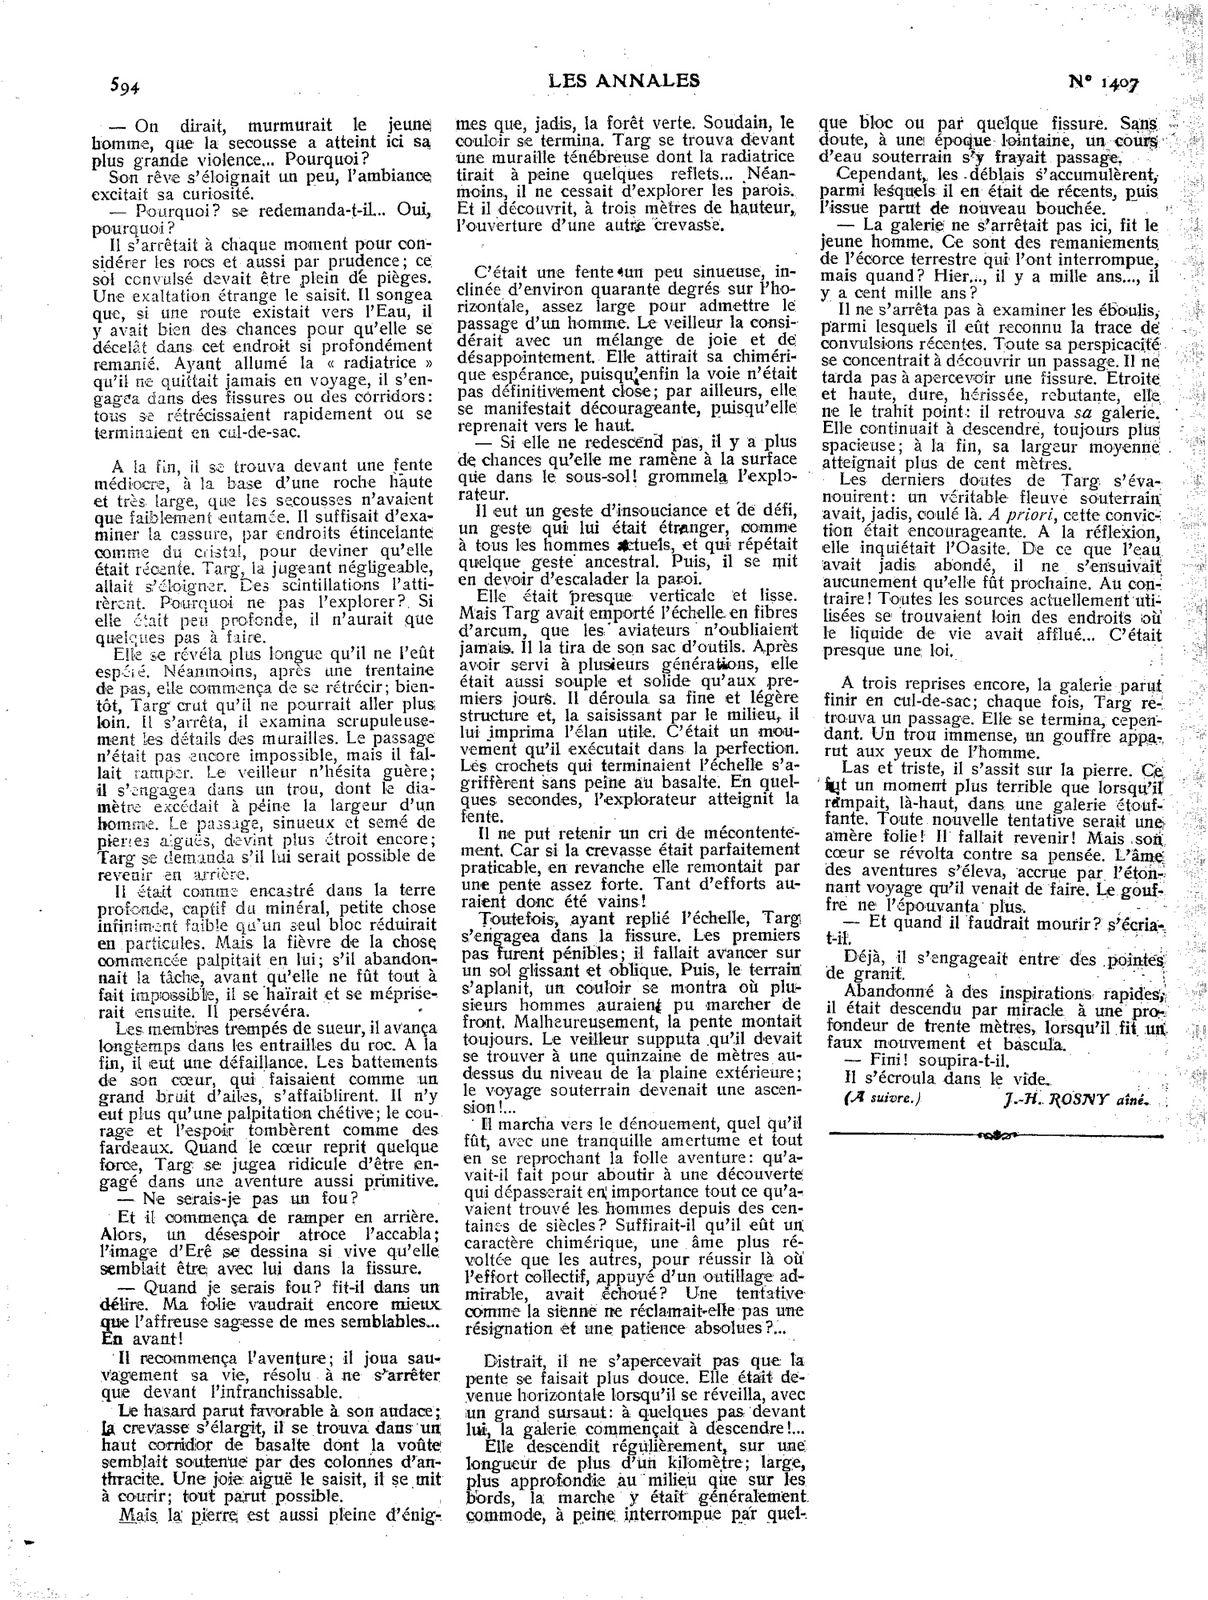 """J.-H. Rosny aîné """"La Mort de la Terre"""" in Les Annales politiques et littéraires n°1407 du 12 juin 1910"""